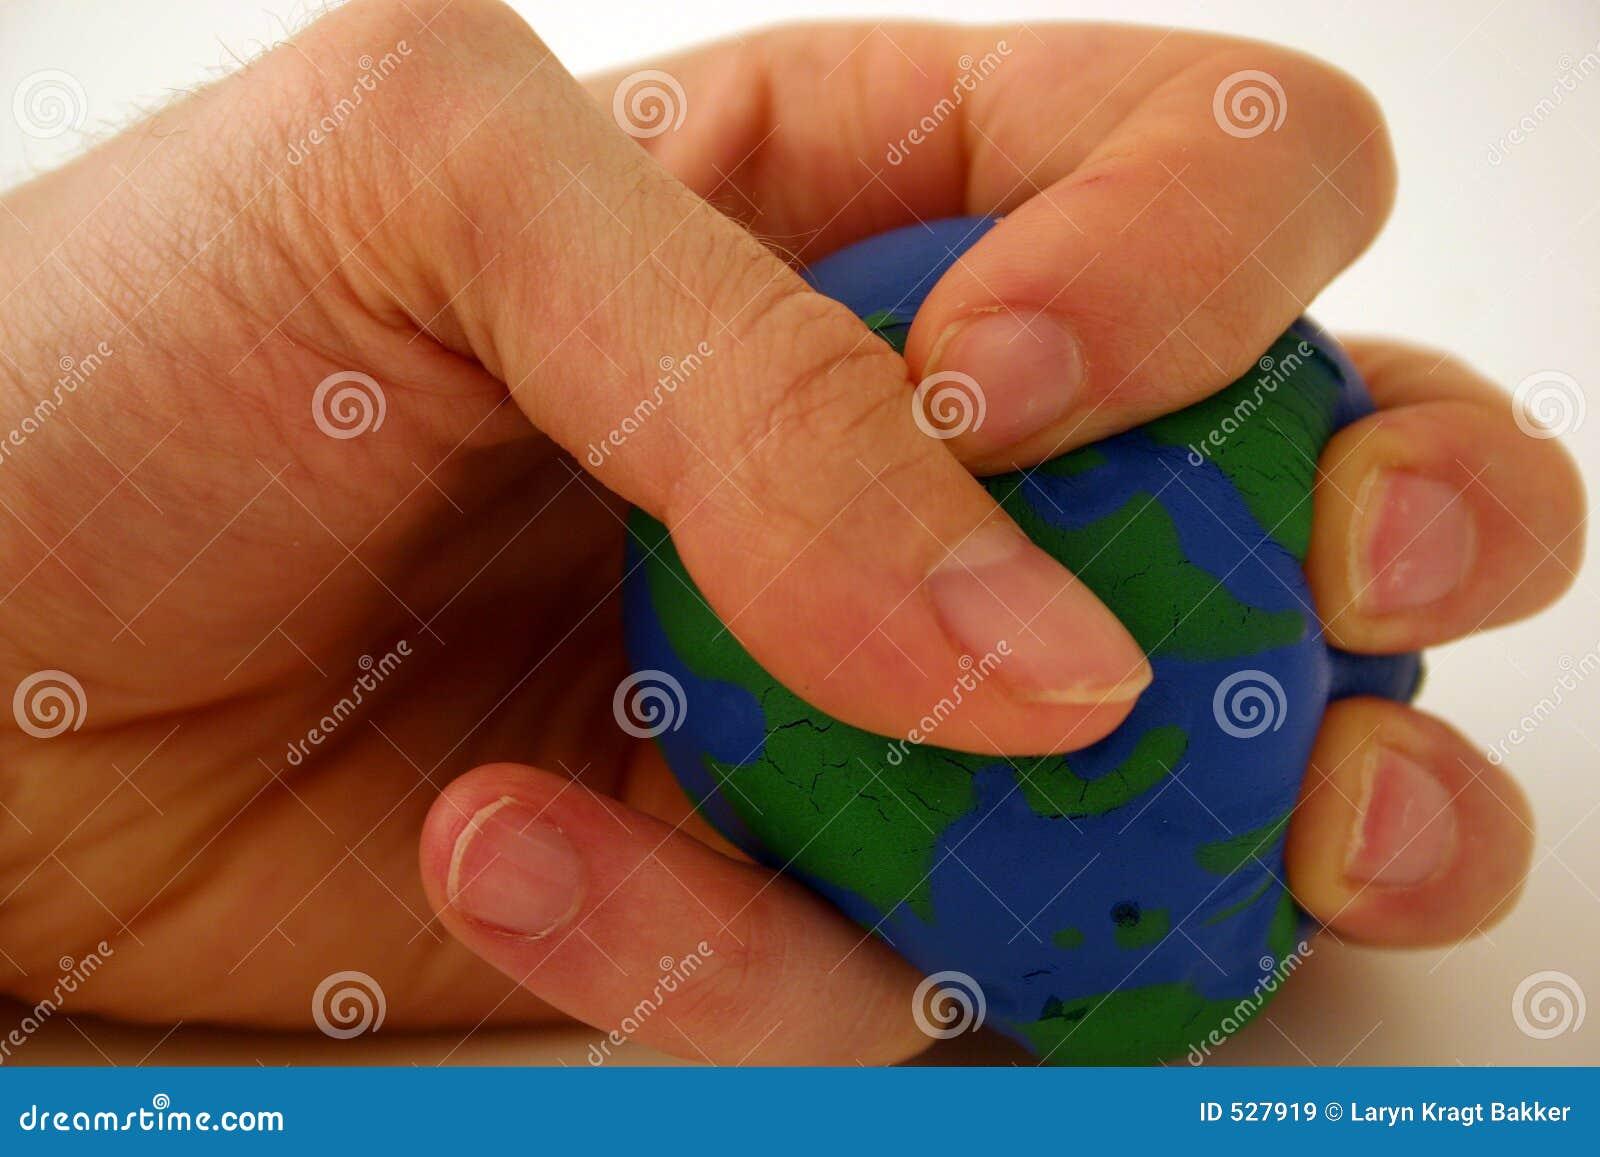 Download 地球隐喻紧压 库存图片. 图片 包括有 传动器, 挤压, 环境保护者, 紧压, 环境, 裂缝, 映射, 指甲盖 - 527919